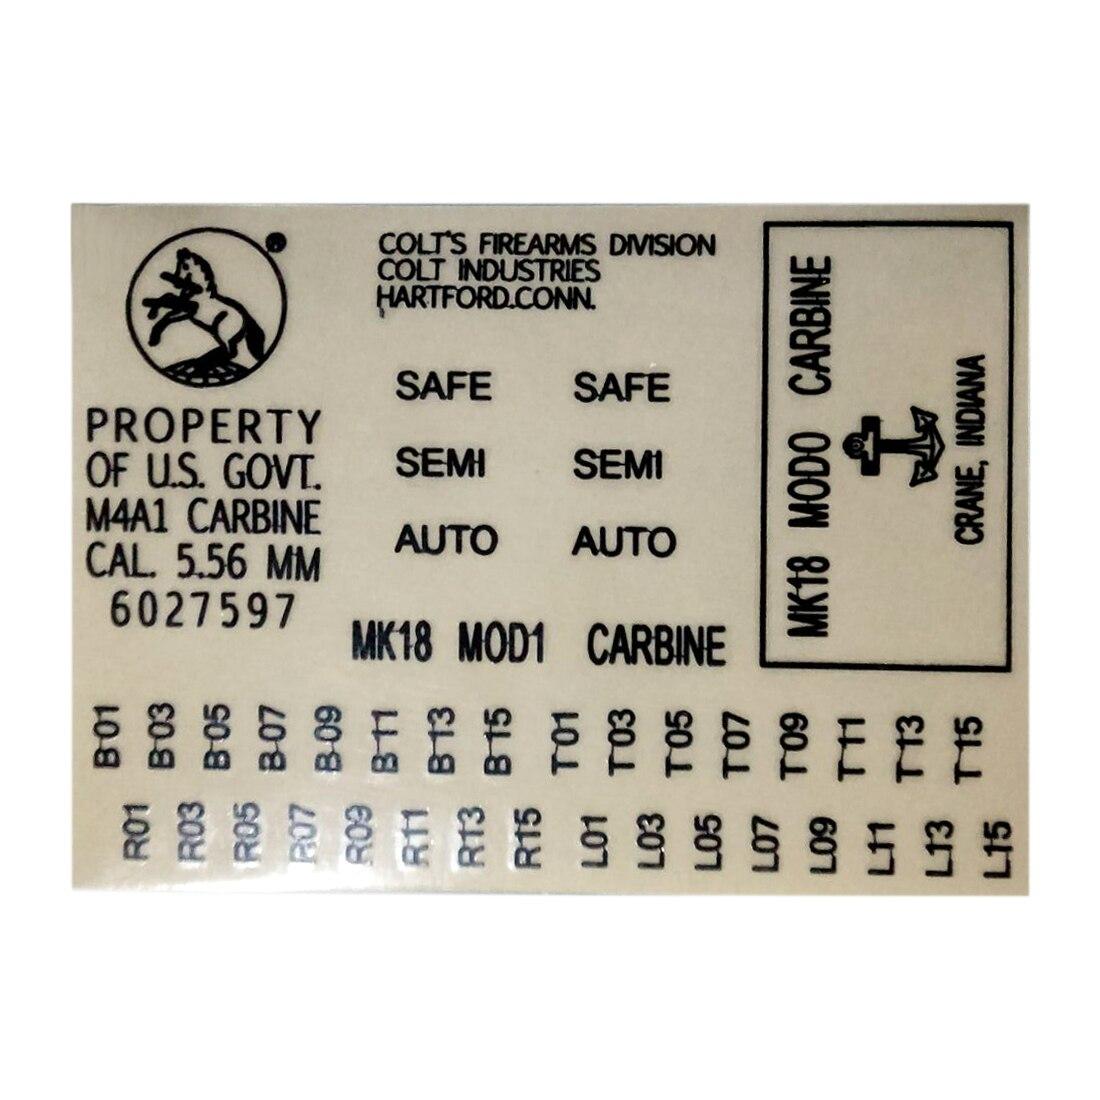 Surwish металлические наклейки для гелевого шара, приемник картриджей M4 MK18